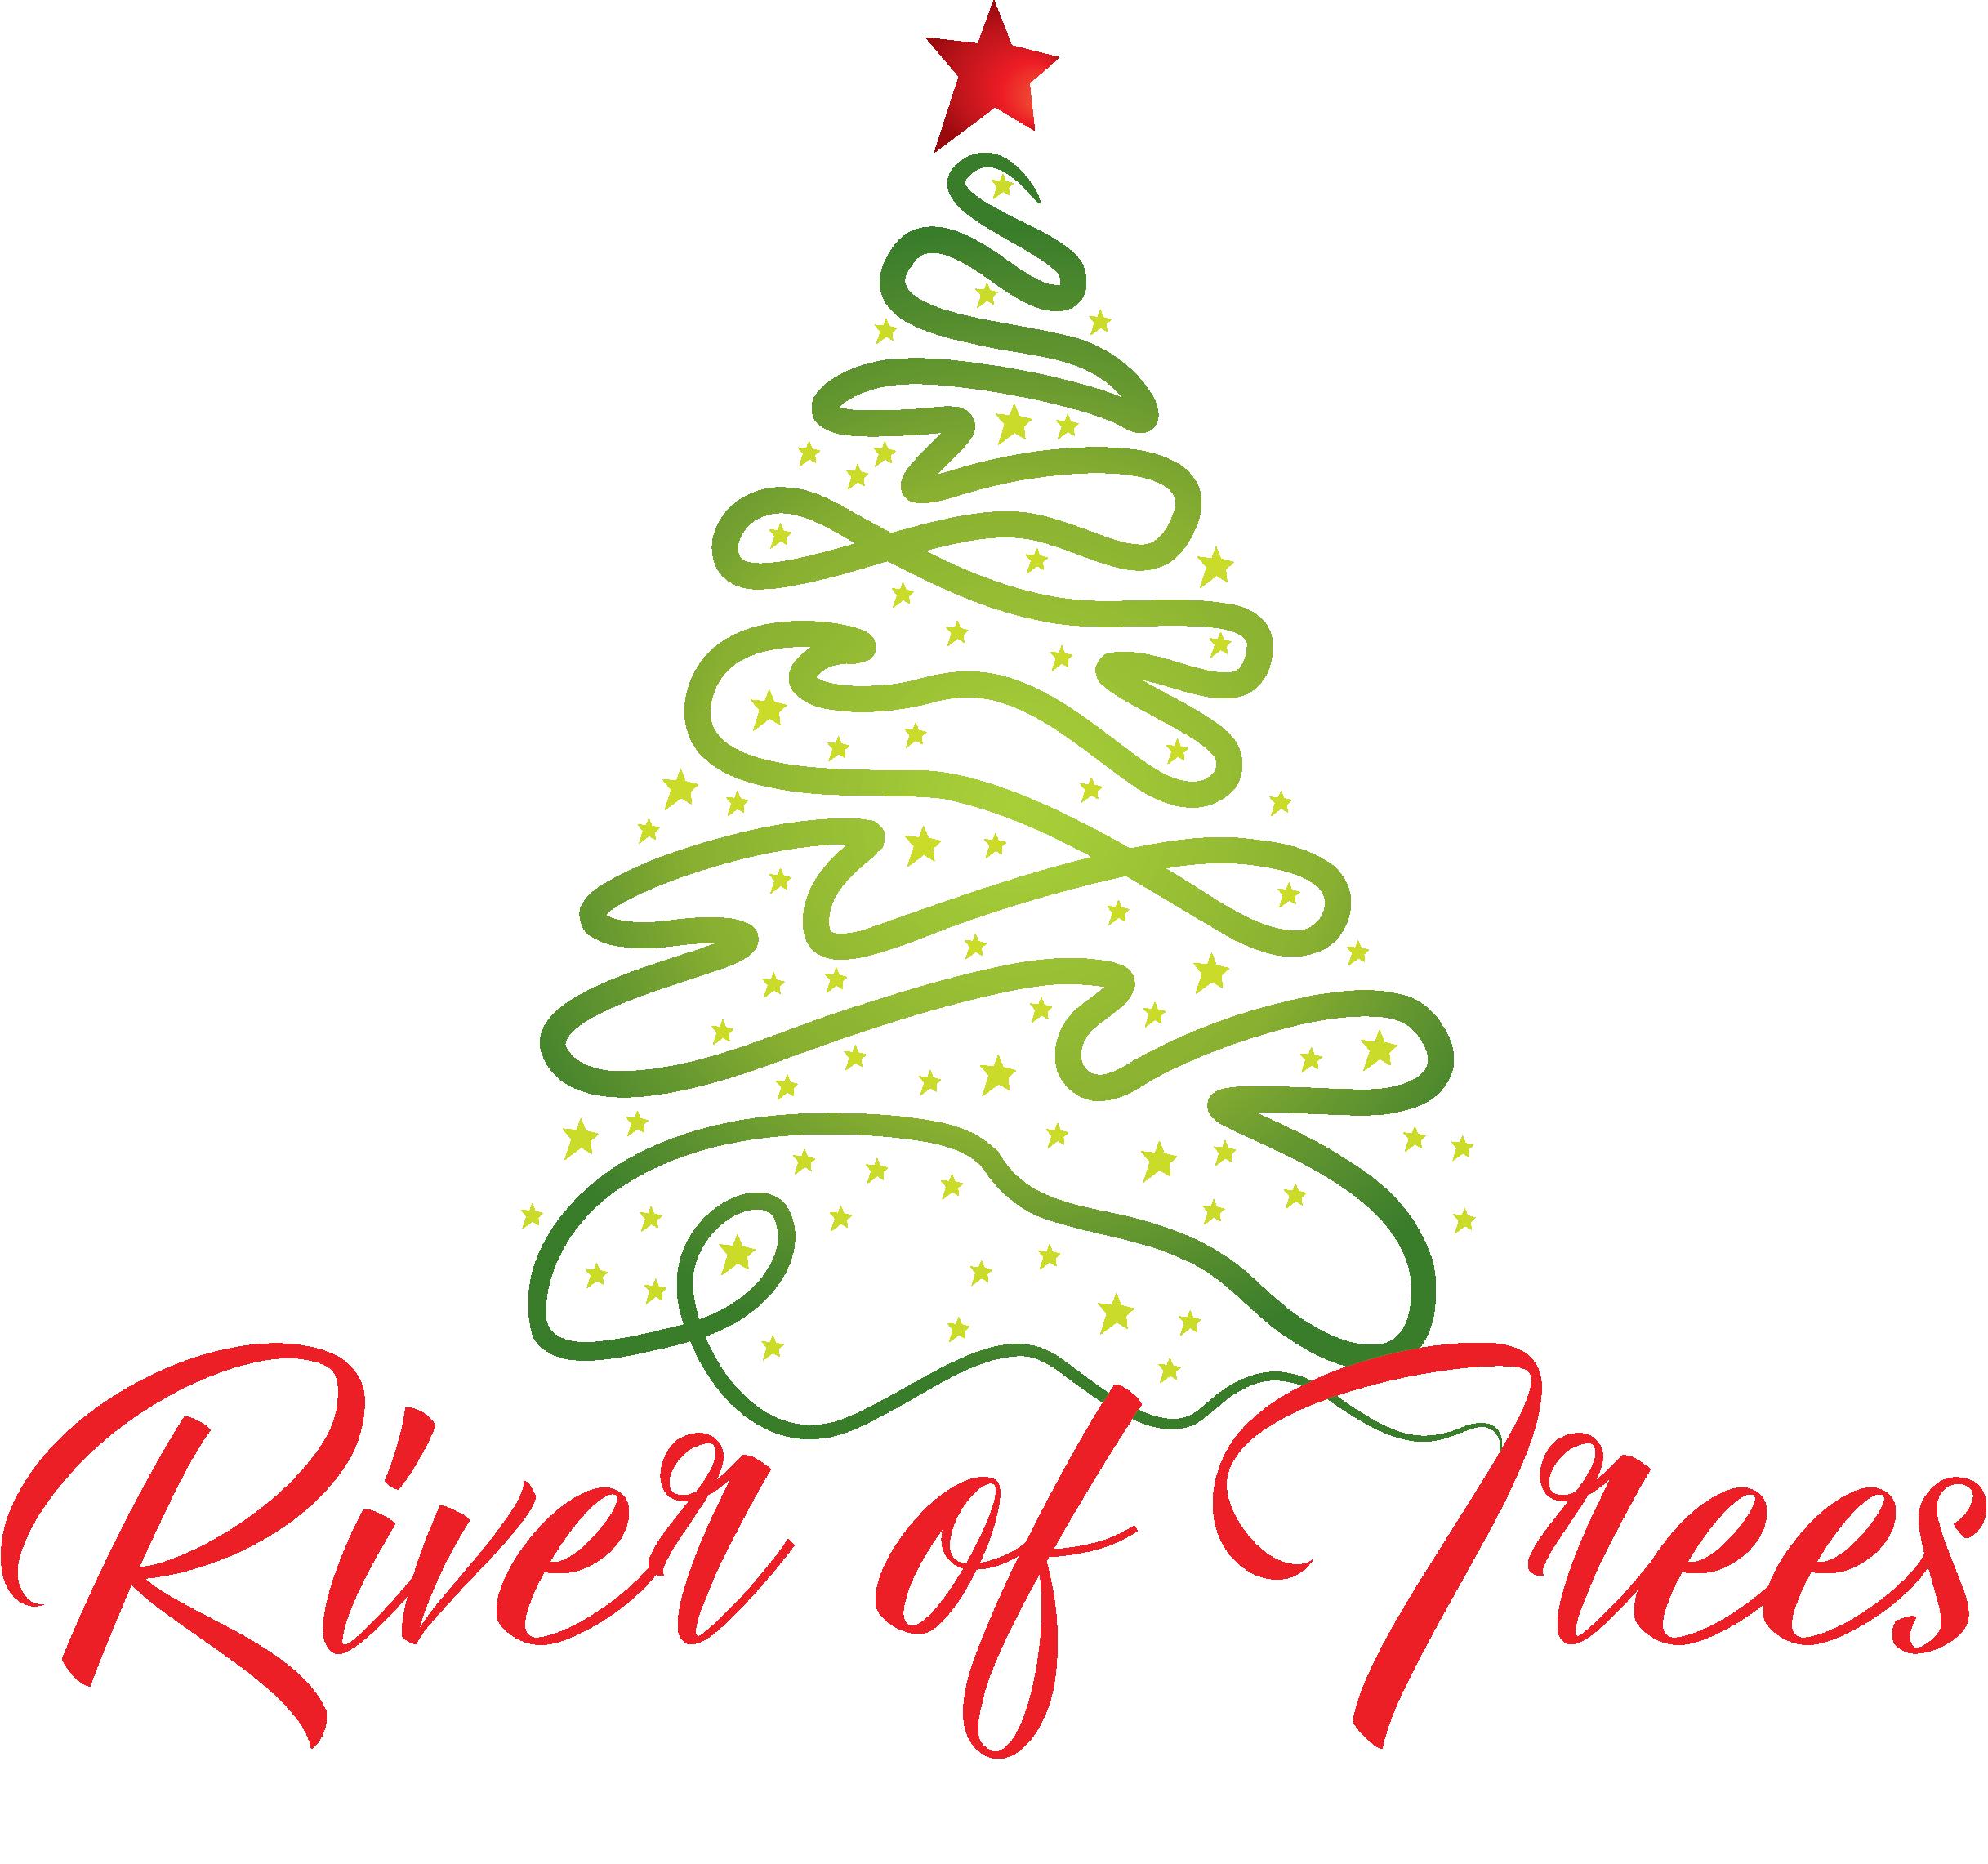 Riveroftrees_logo